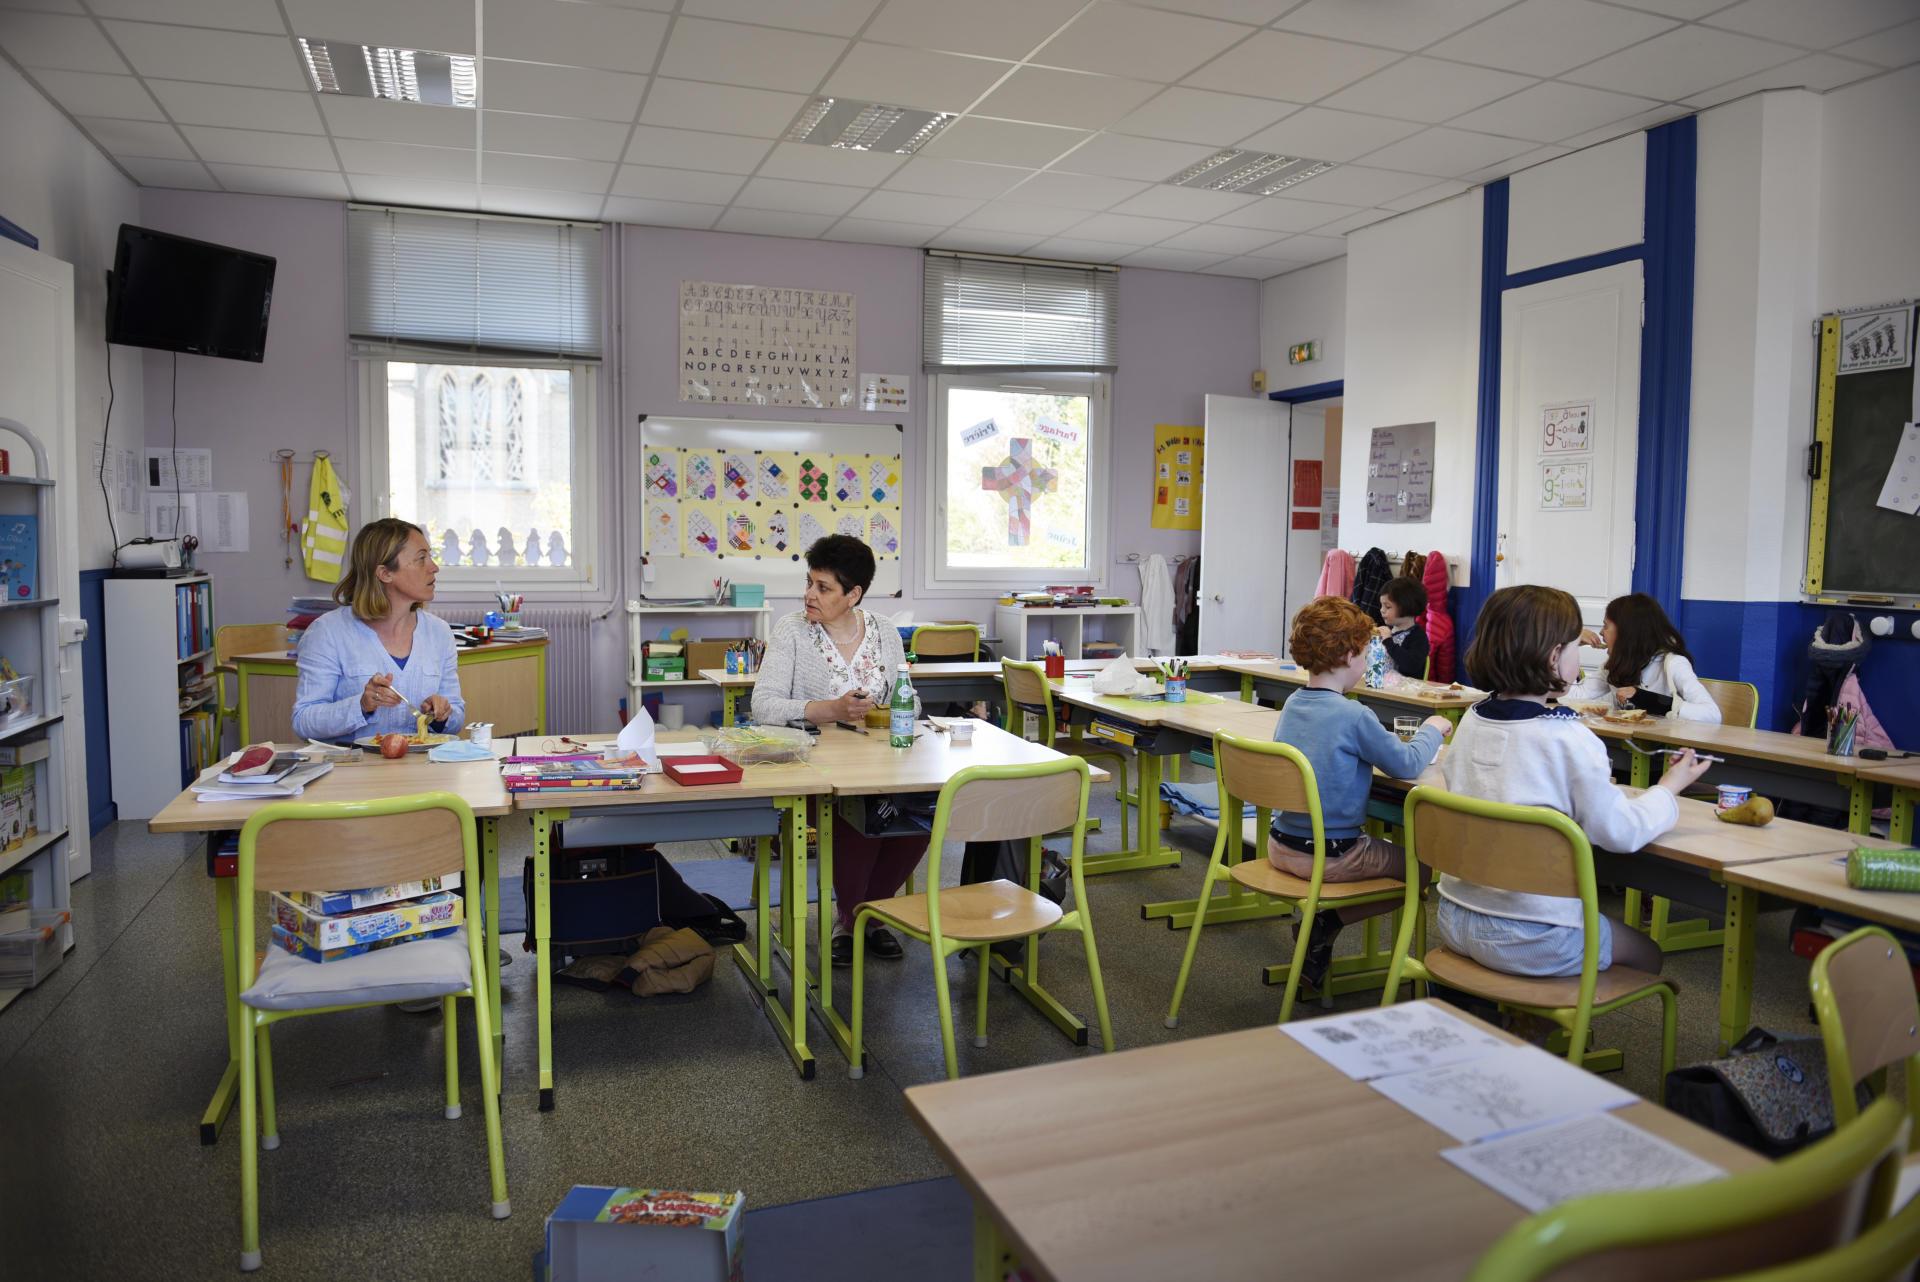 Comme il n'y a plus de cantine, les parents fournissent les repas. Le déjeuner se fait dans la salle de classe, et l'équipe éducative gère.